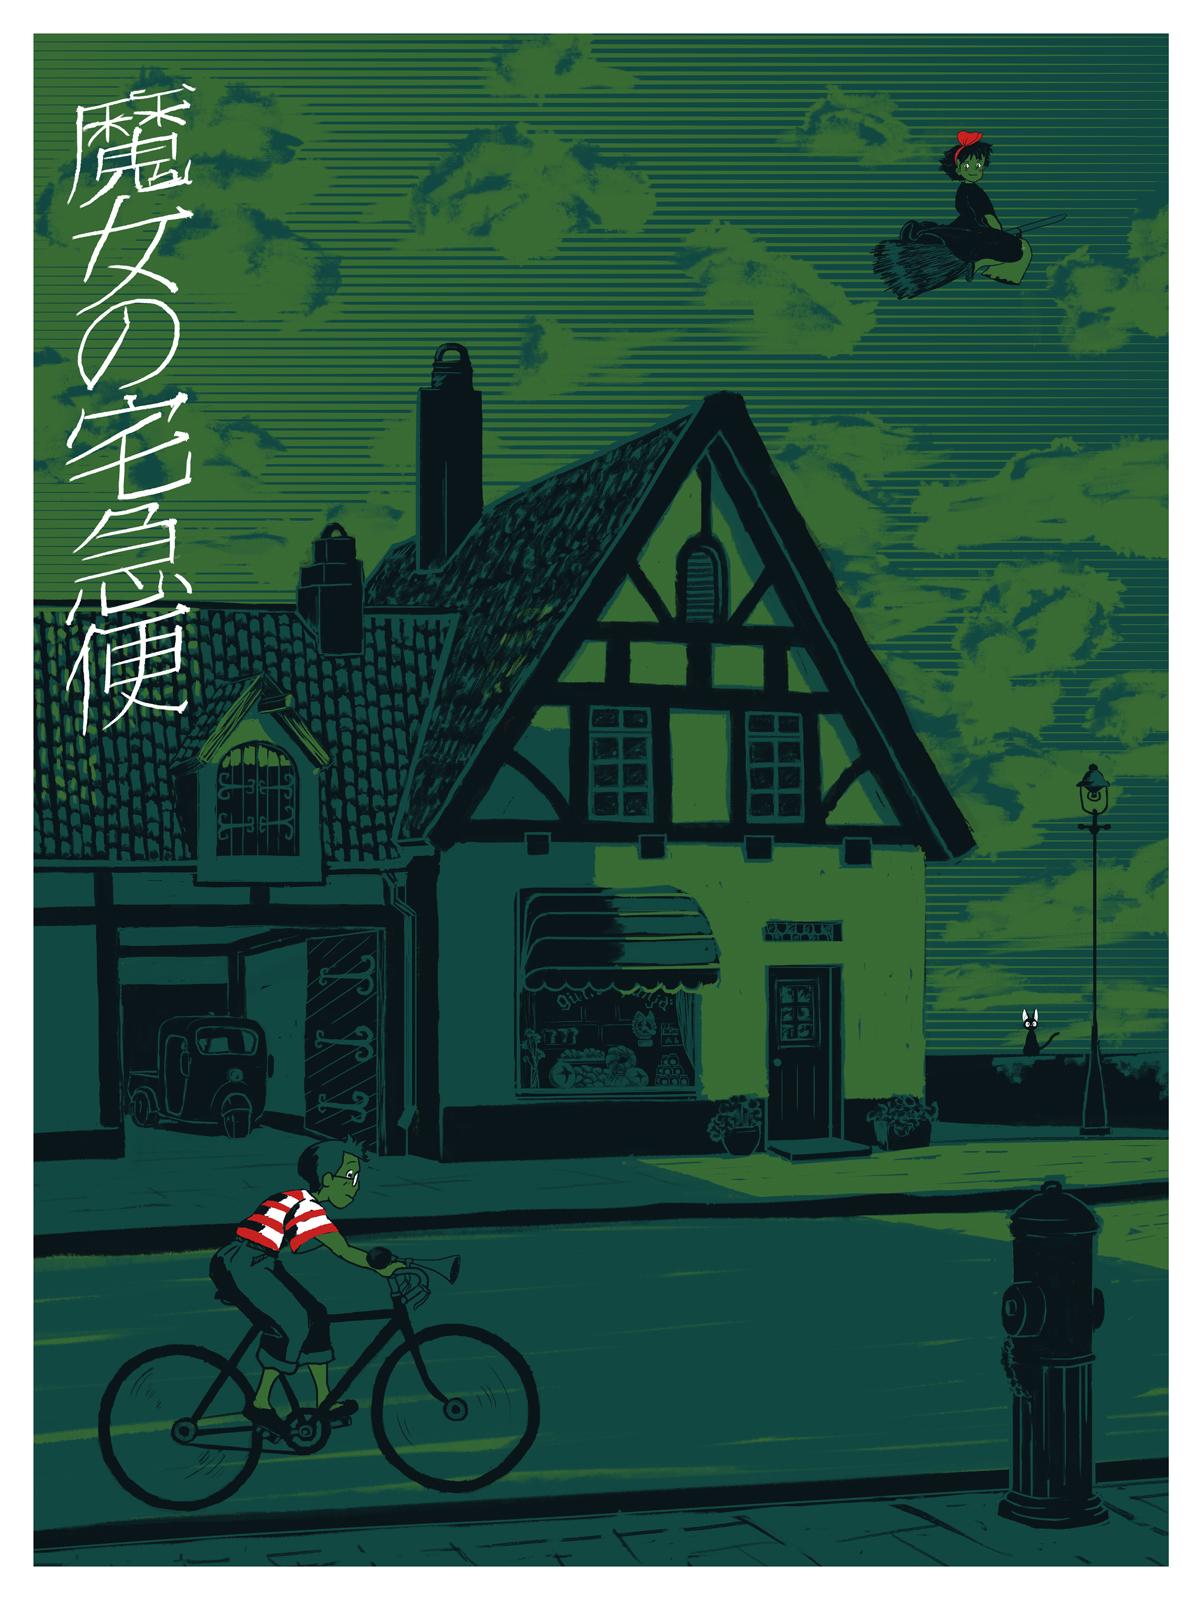 Kiki's Delivery Service Alternative Movie Poster Illustration